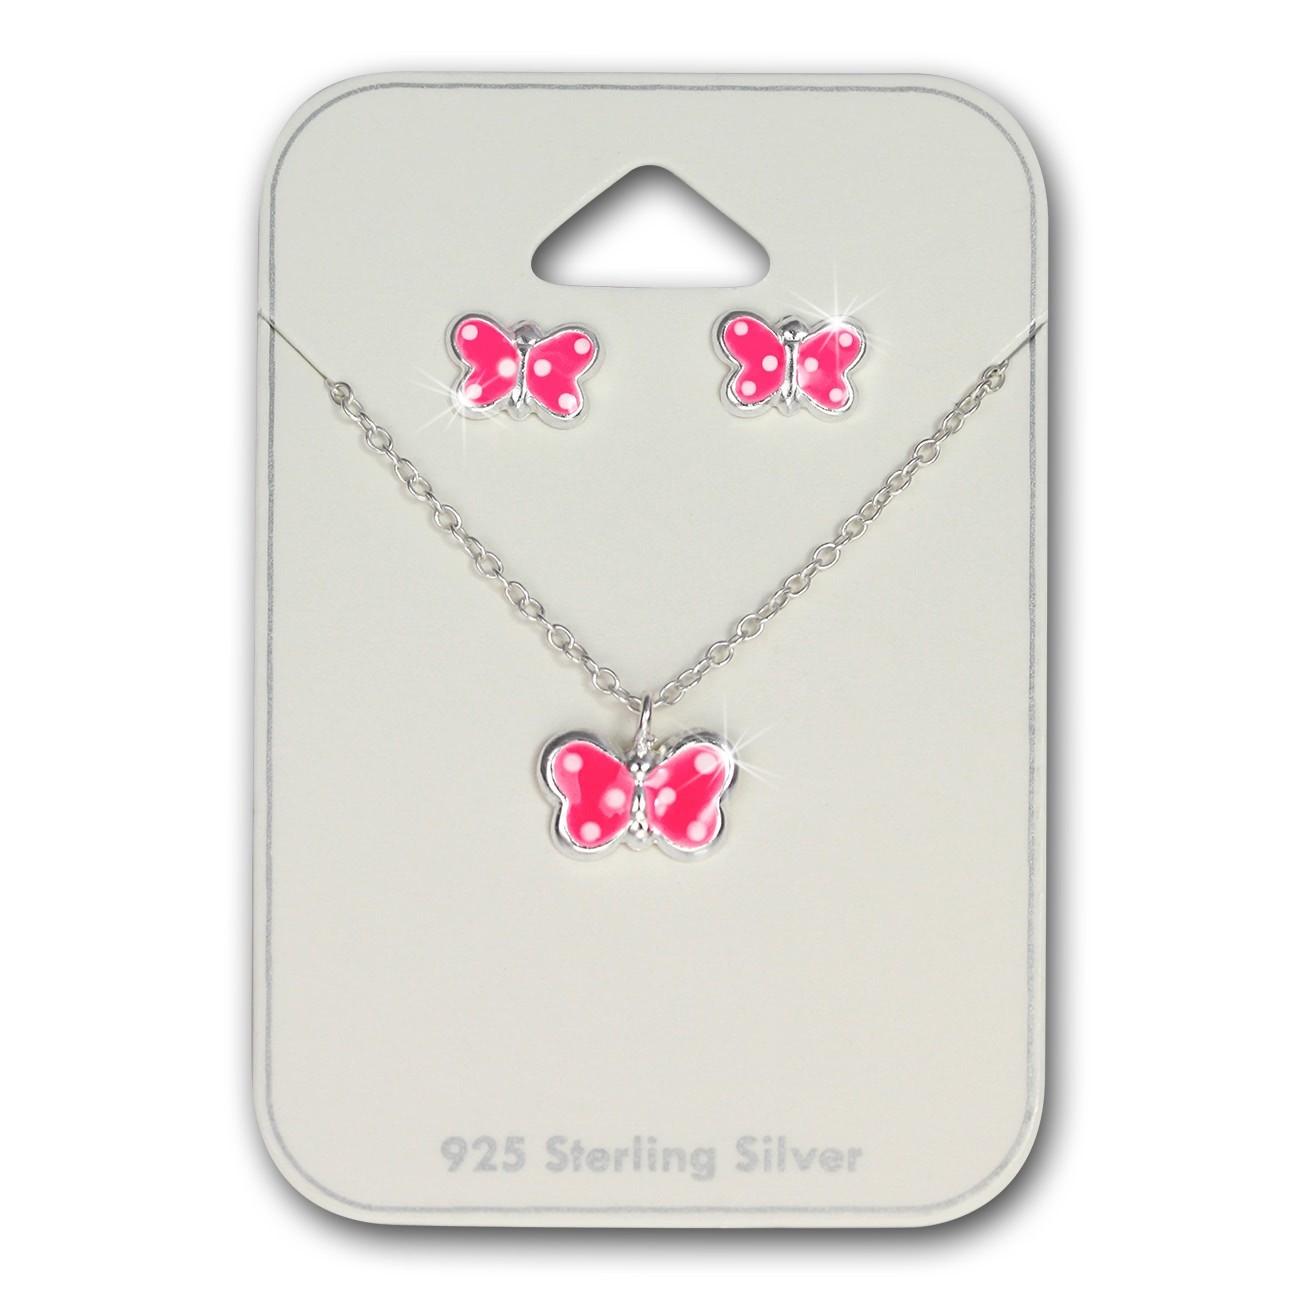 TW Kinder Schmuck Schmetterling pink Ohrstecker und Kette 925 Silber SDS807